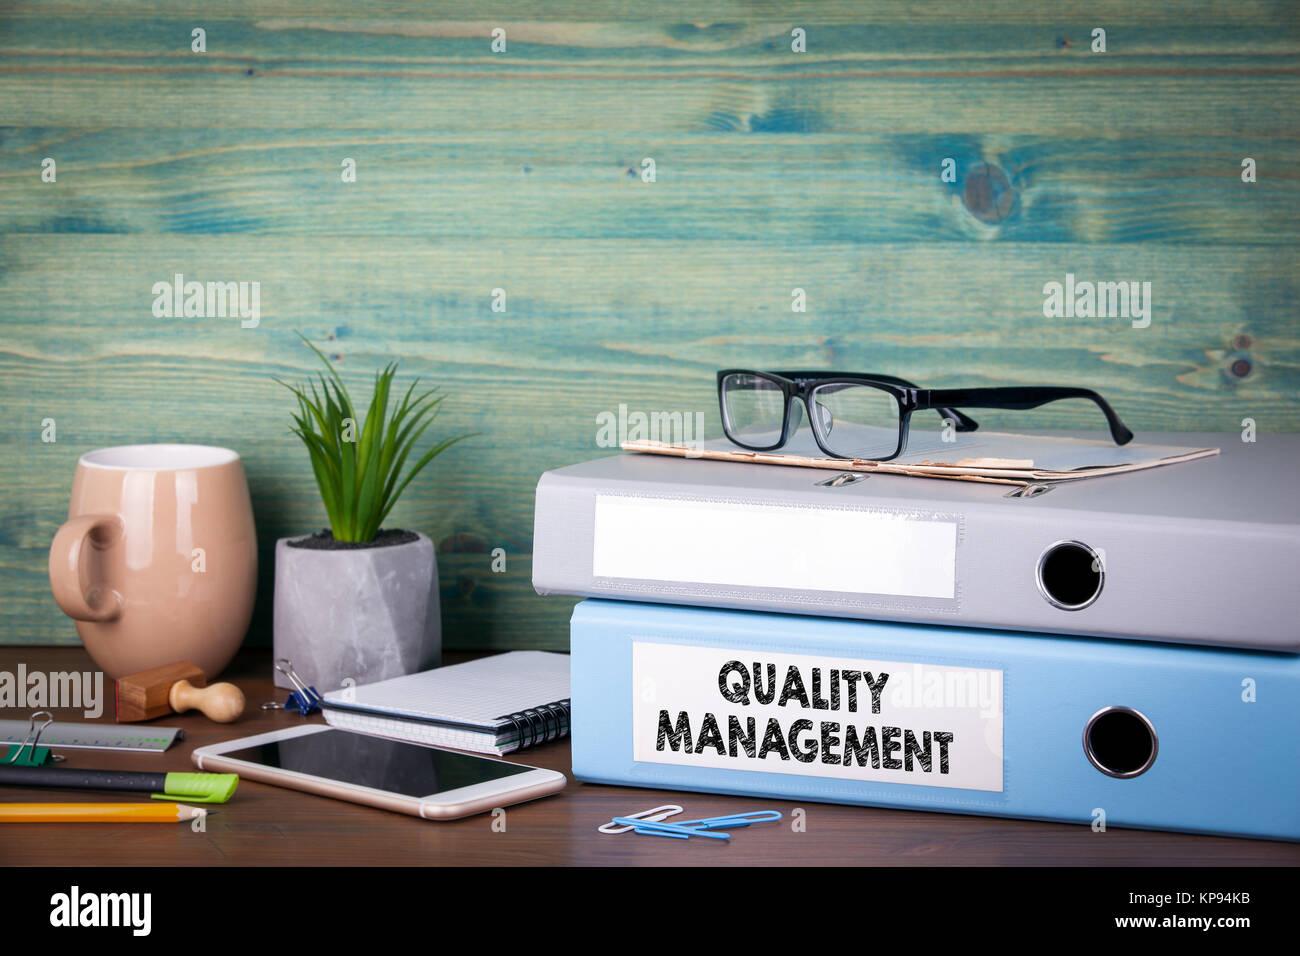 Concepto de gestión de la calidad. Encuadernadoras de escritorio en la oficina. Antecedentes comerciales Imagen De Stock